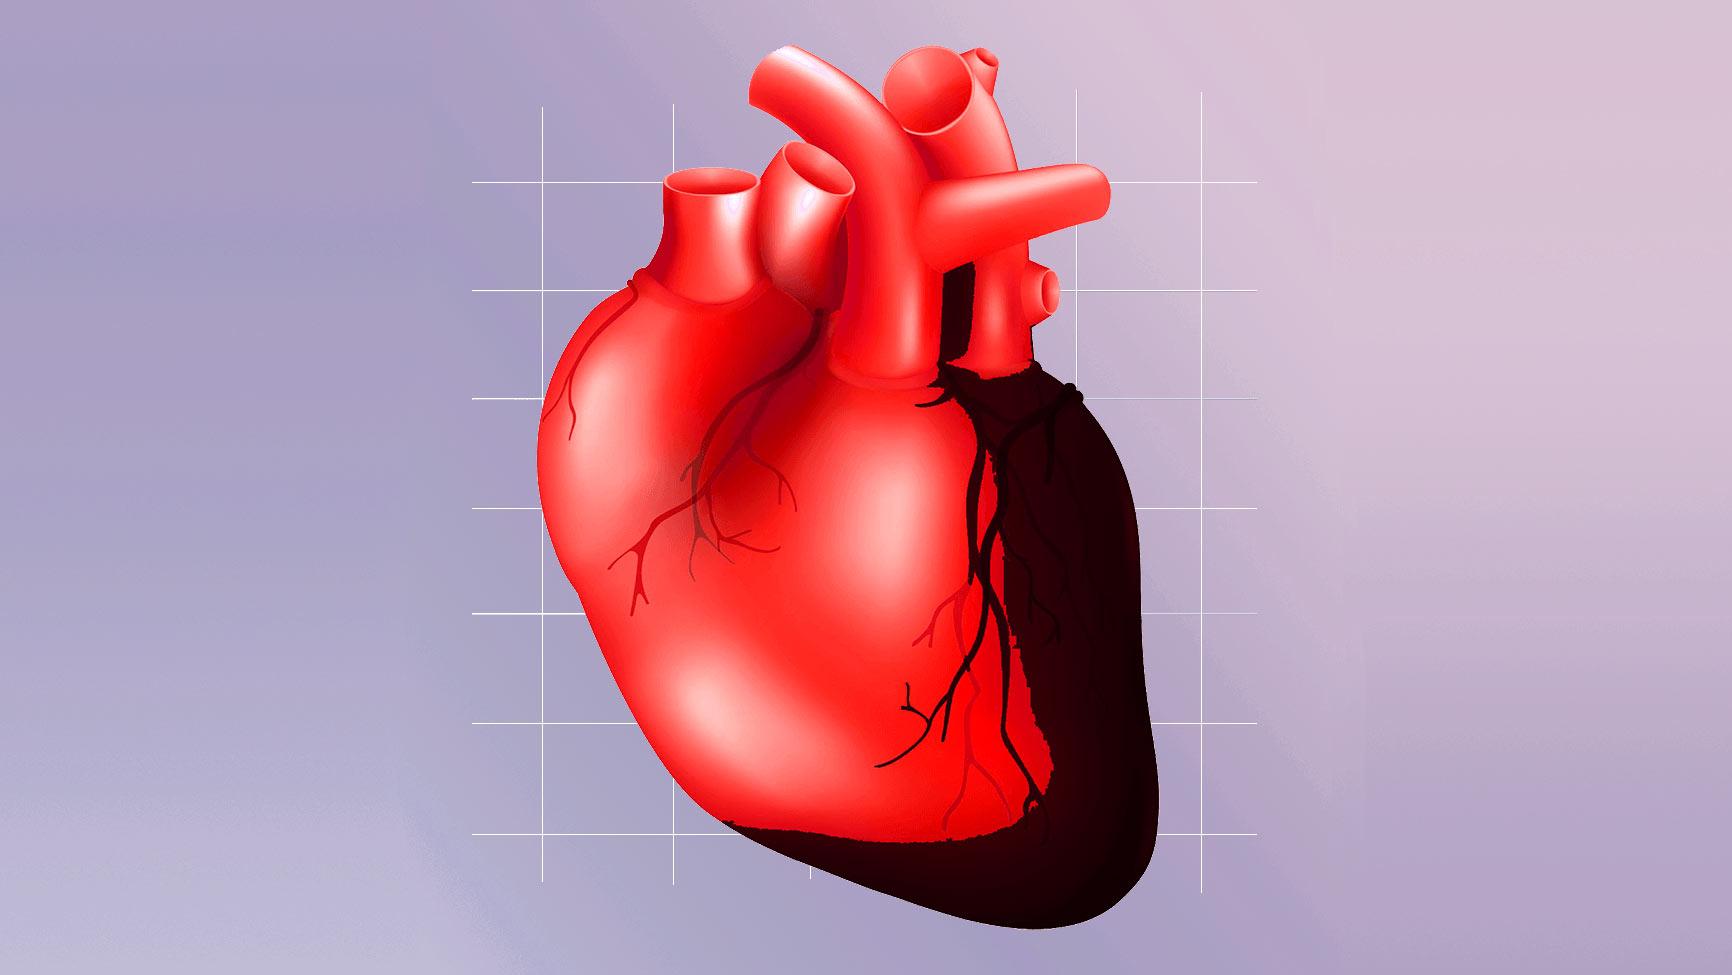 Обширный инфаркт причины и оказание первой помощи